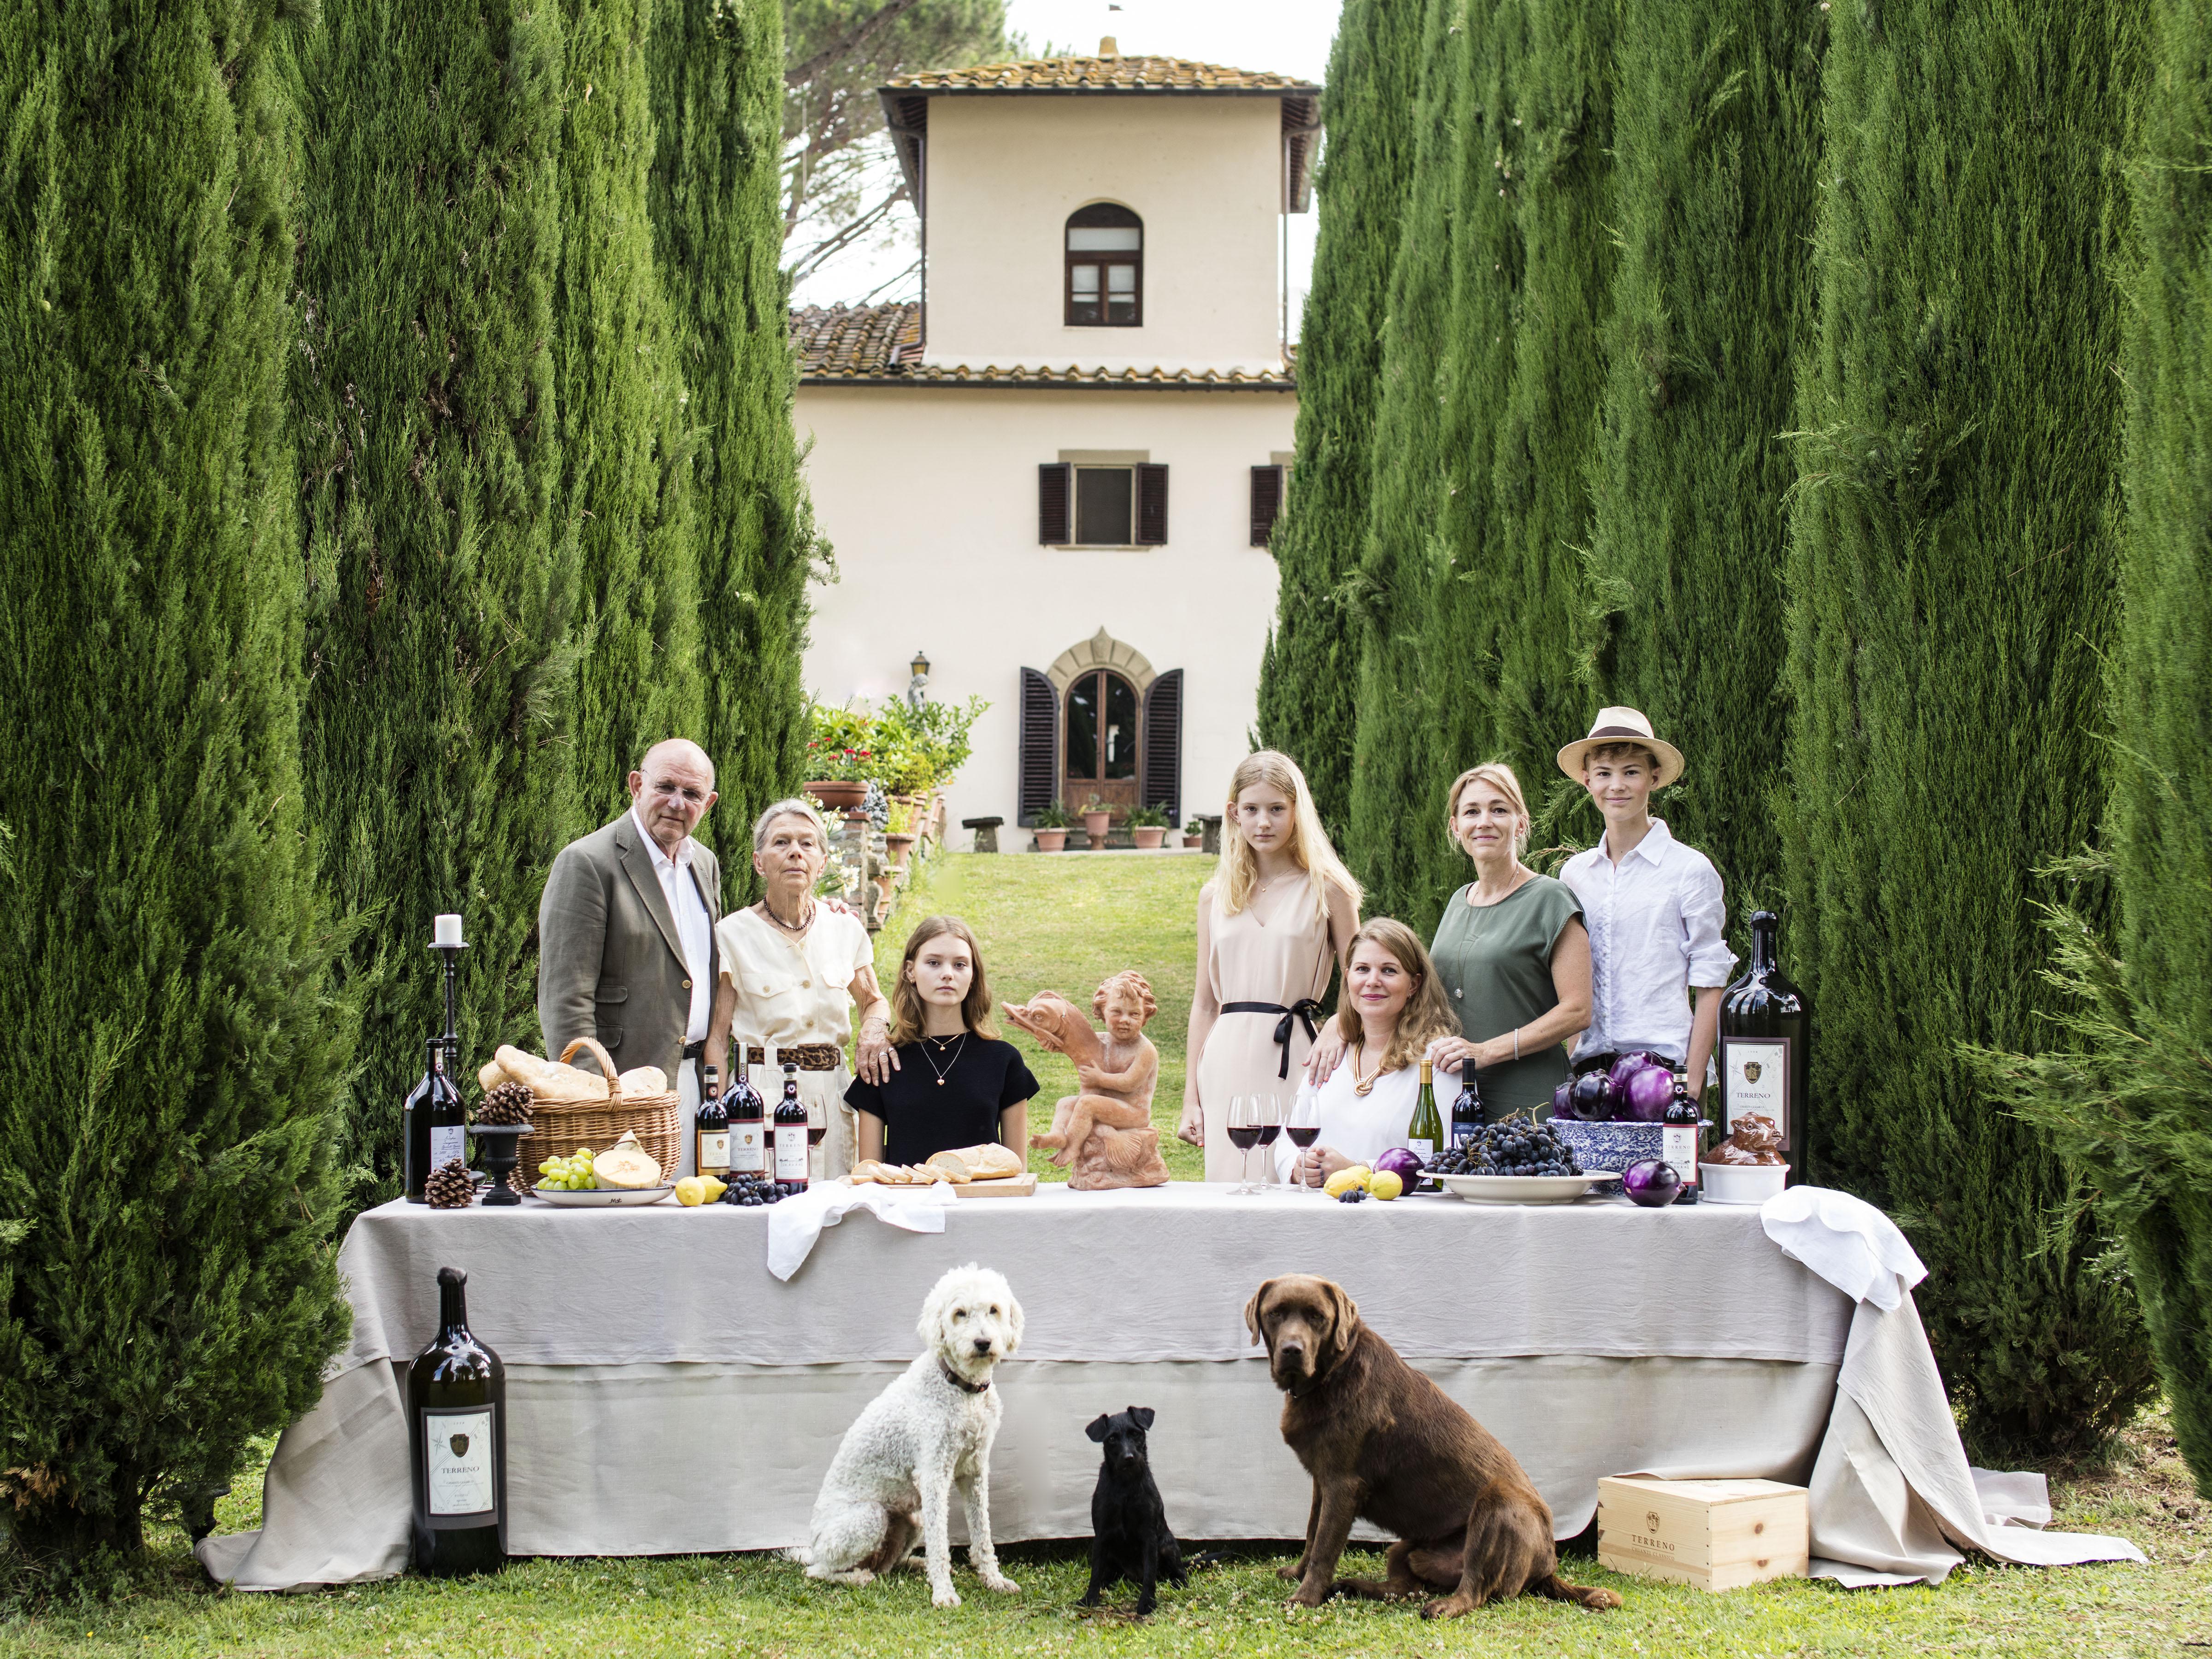 Winely_Terreno_Toscana